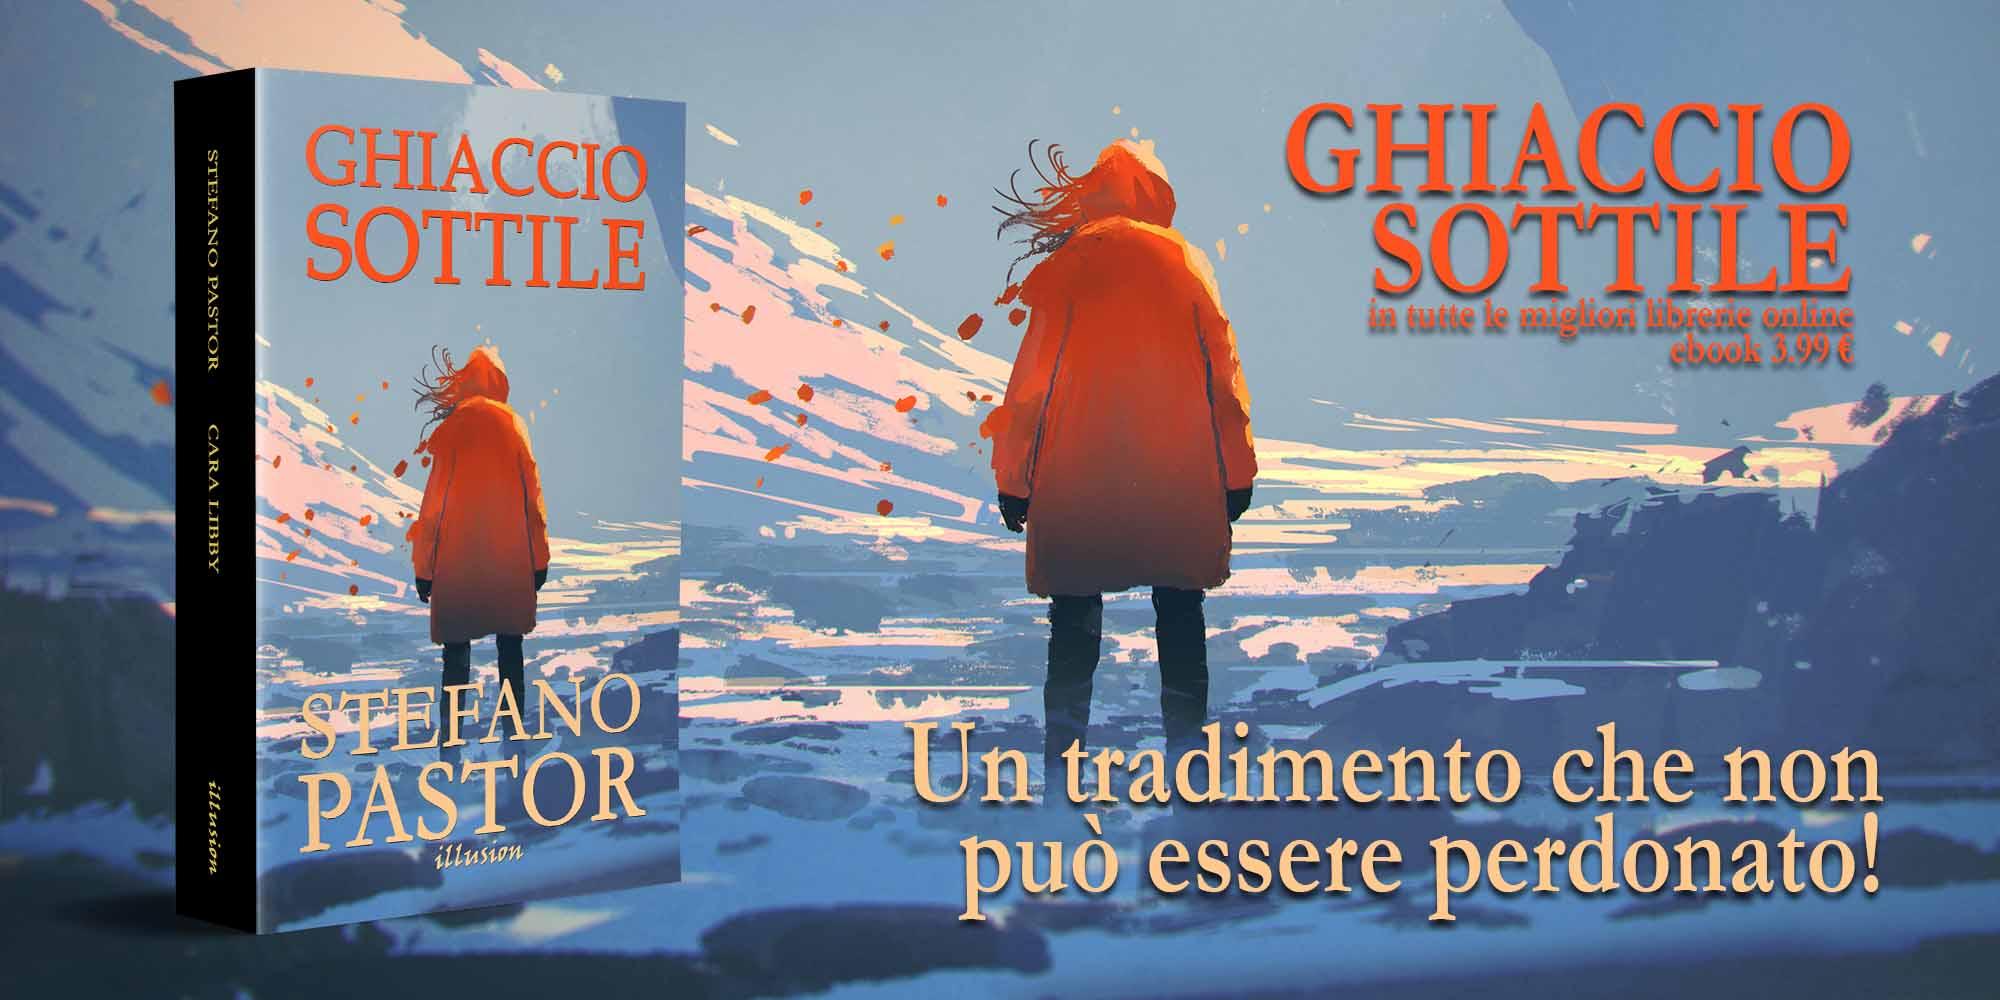 GHIACCIO SOTTILE